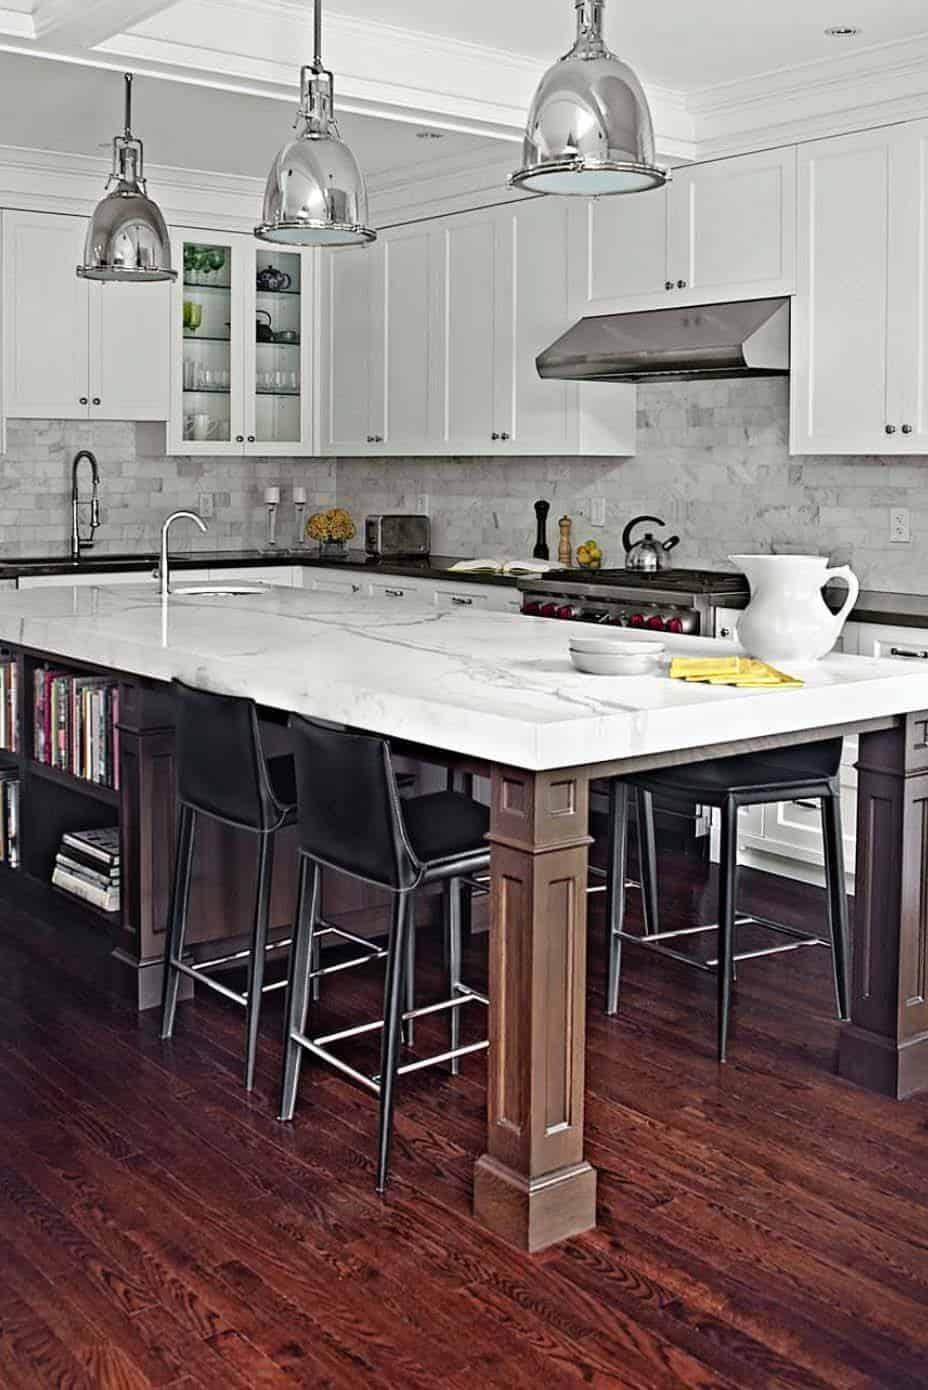 30 Brilliant kitchen island ideas that make a statement